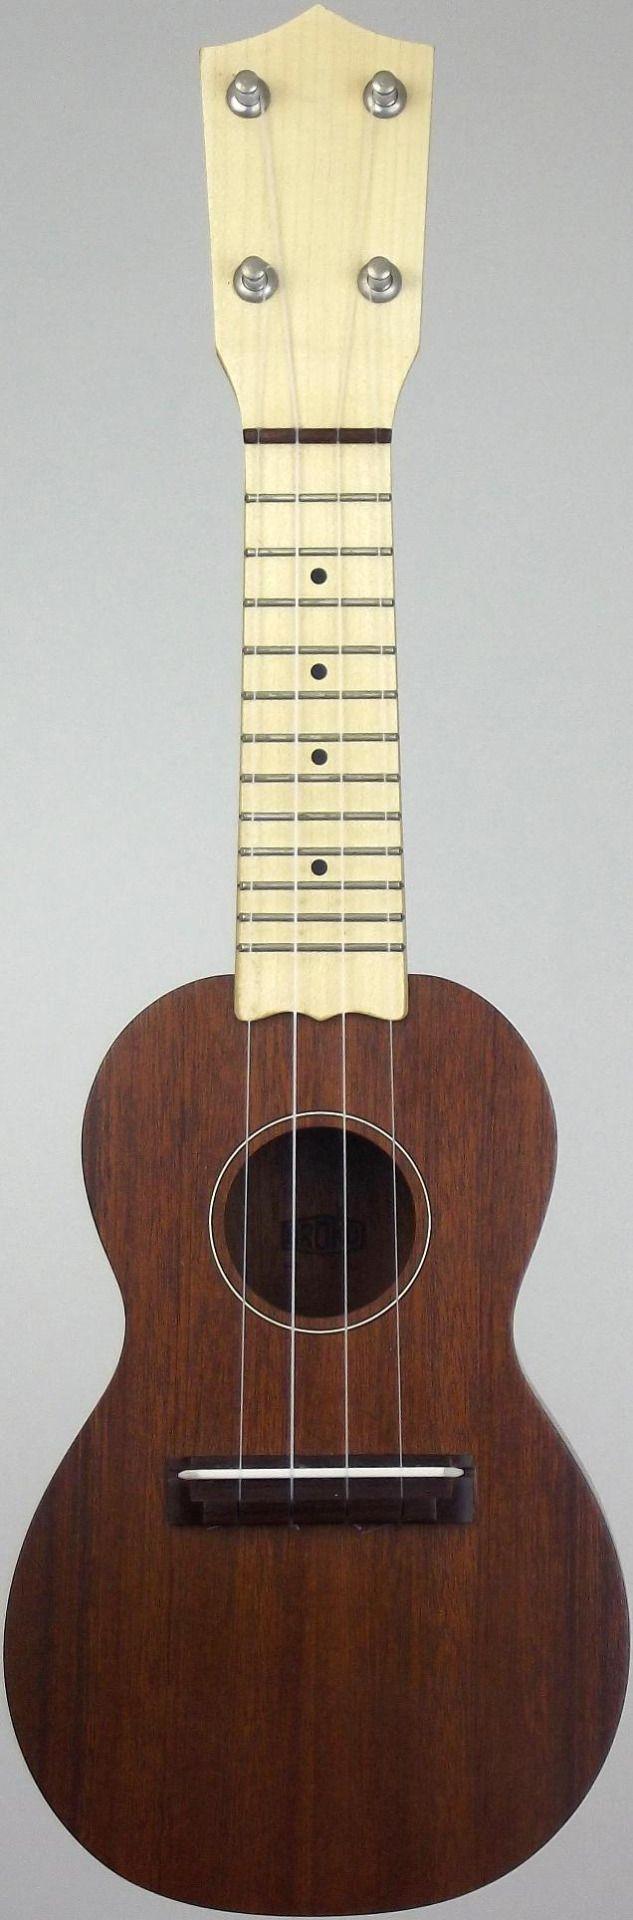 nike roshe leopard print ukulele